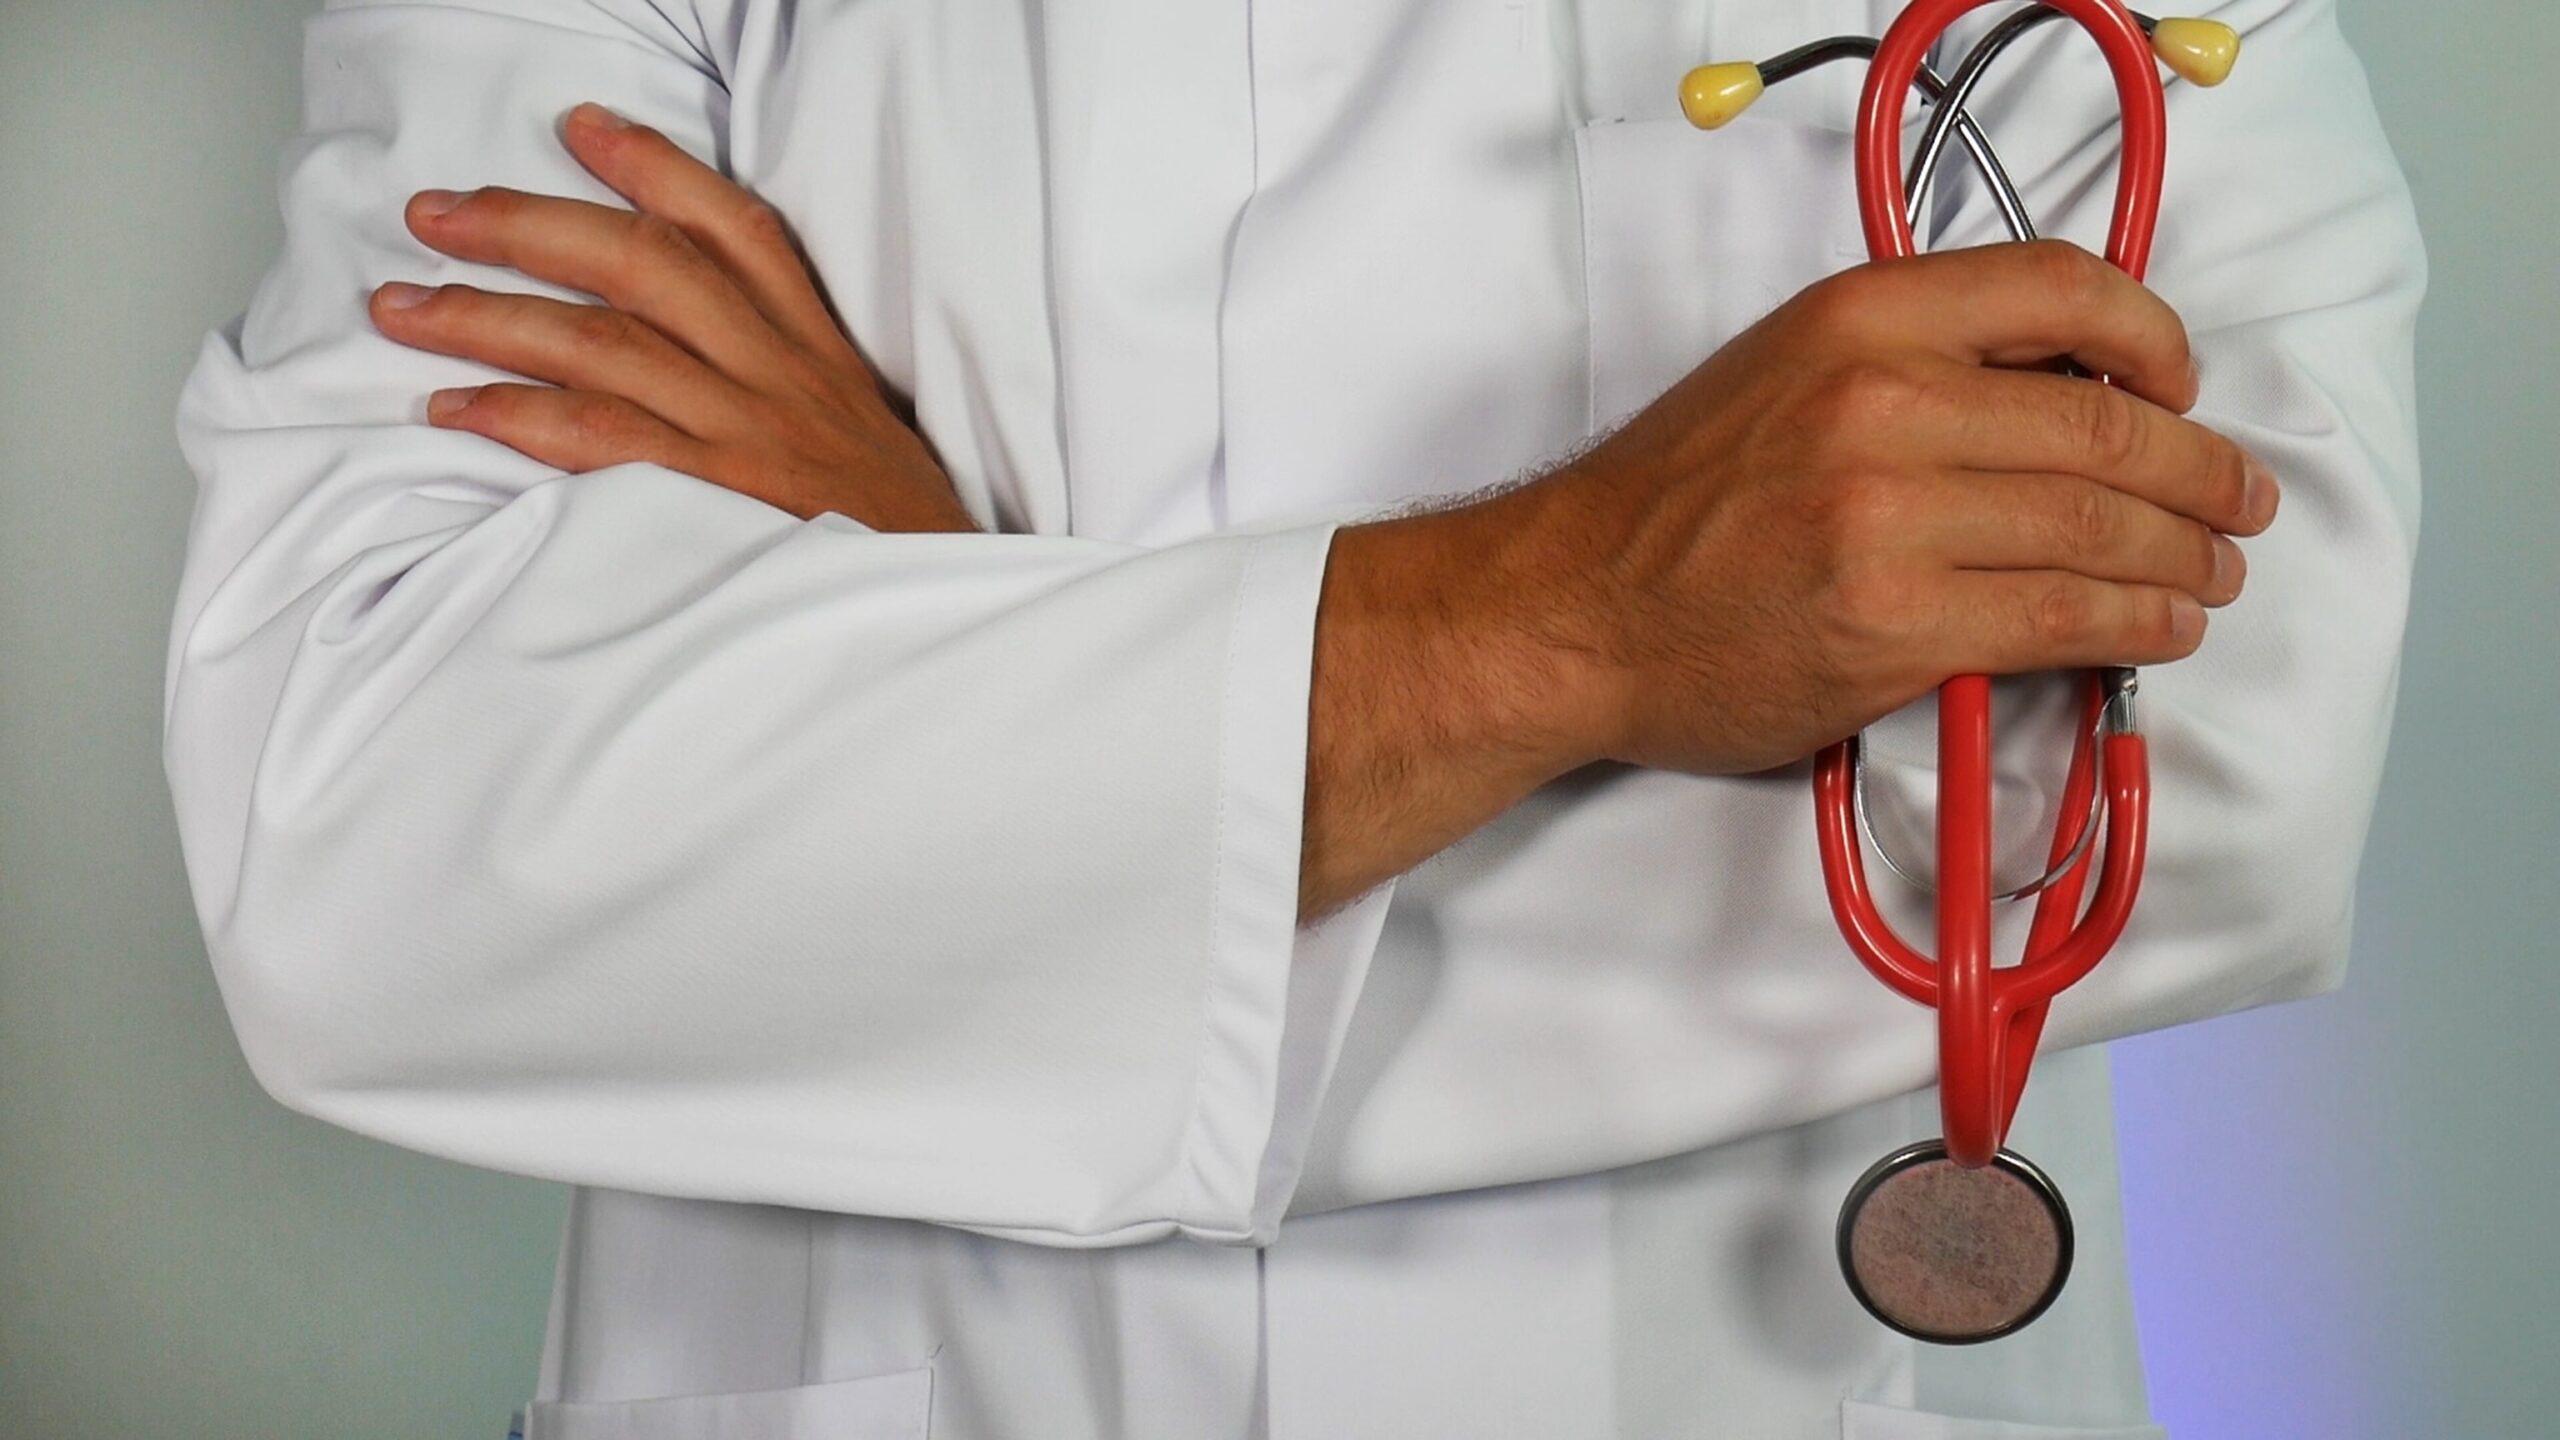 lekarz w kitlu trzymający czerwony stetoskop